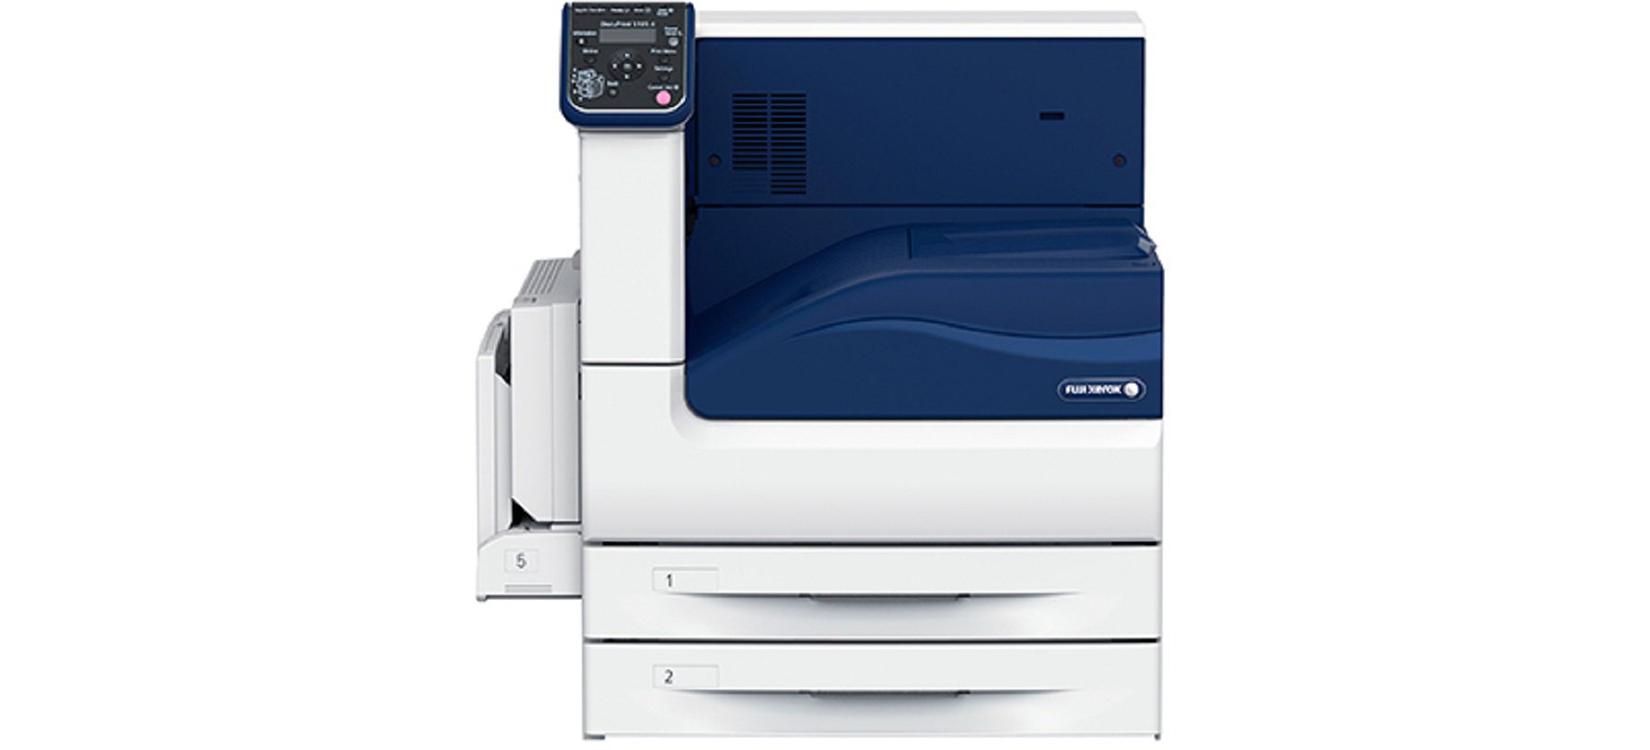 Máy in Fuji Xerox DocuPrint 5105 d